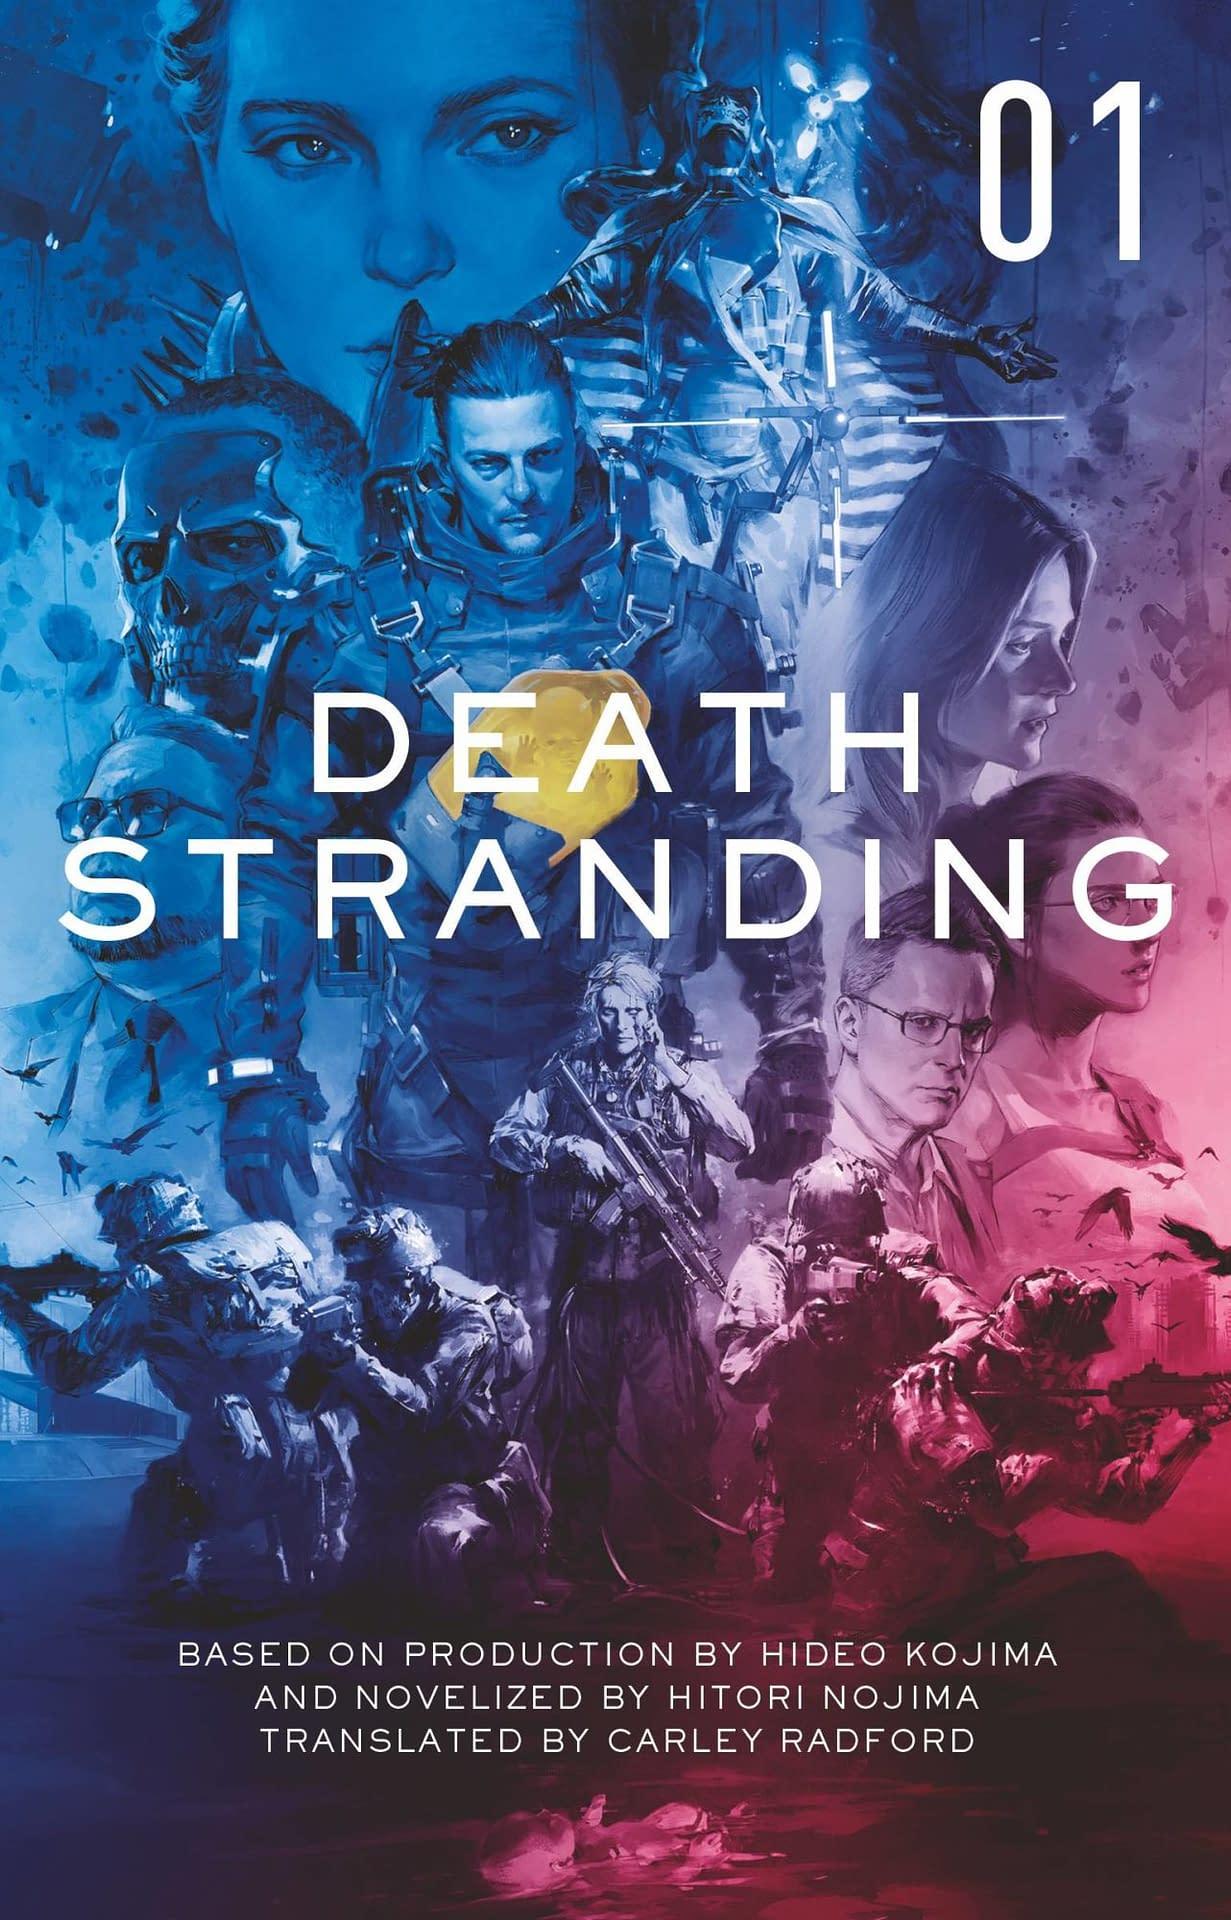 DEATH STRANDING NOVELIZATION